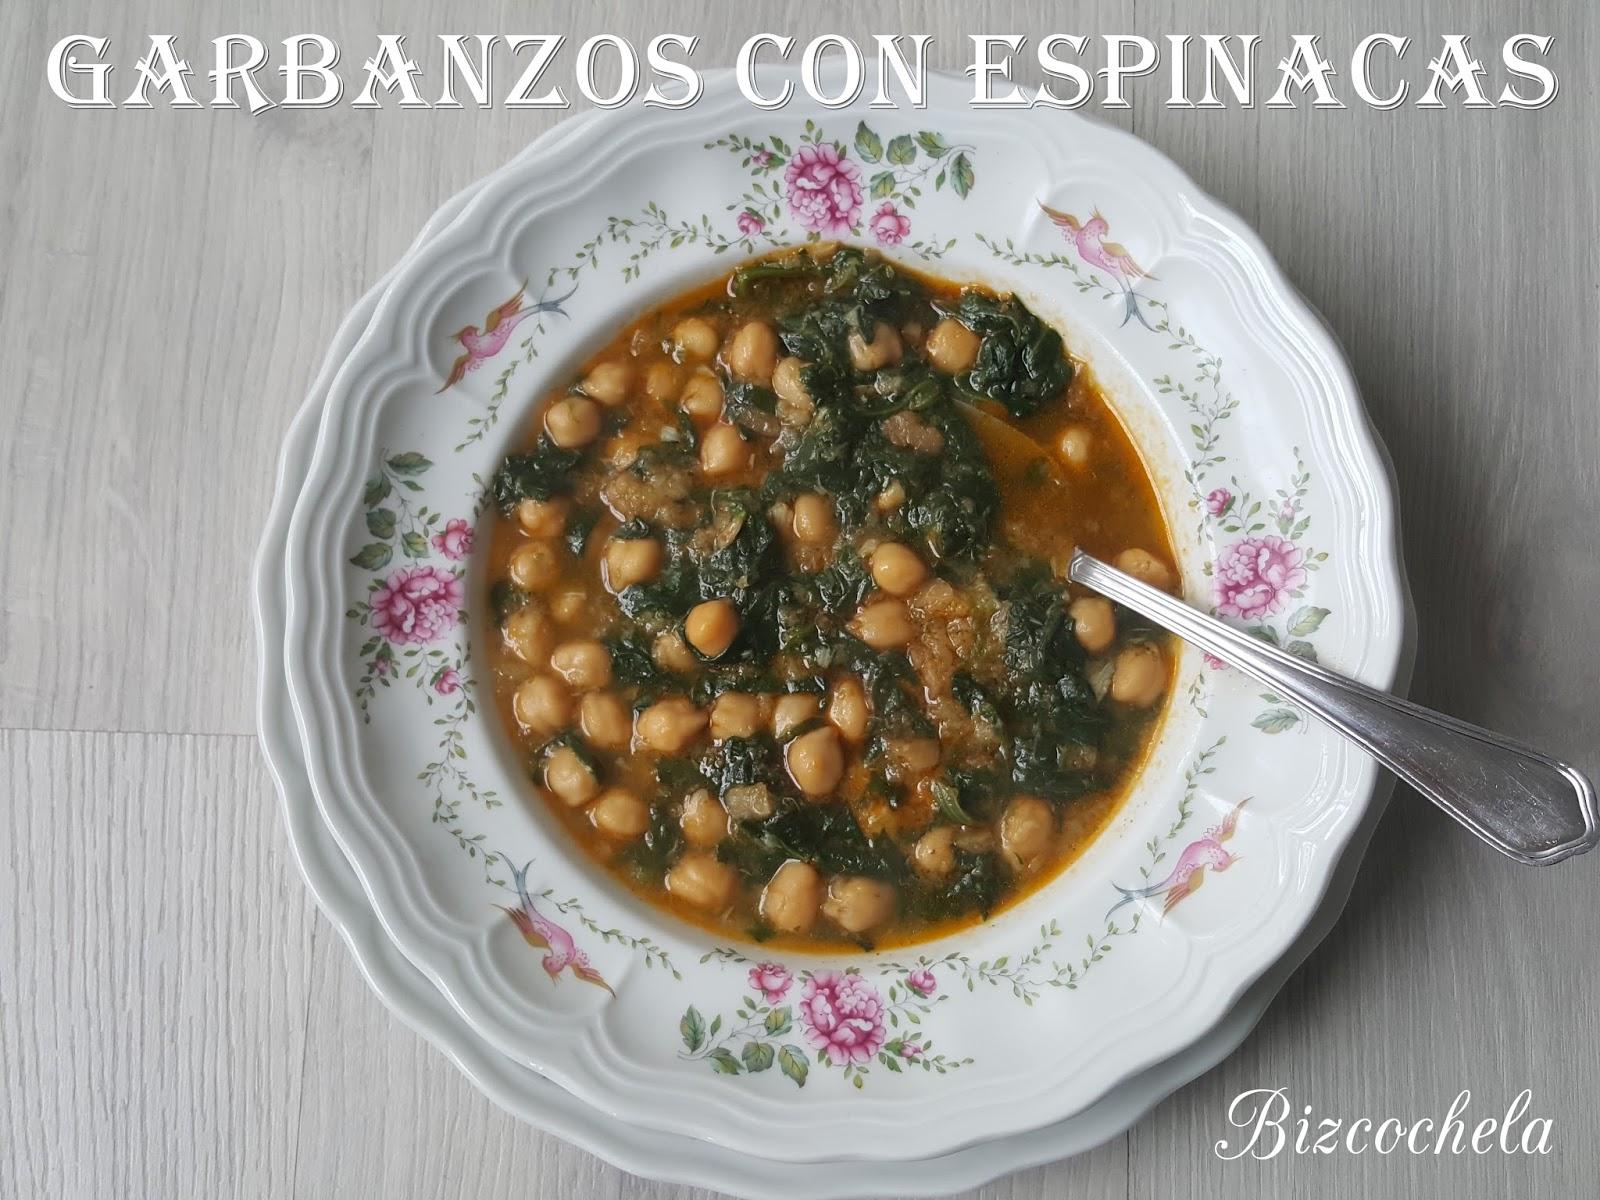 Garbanzos con espinacas for Cocinar espinacas